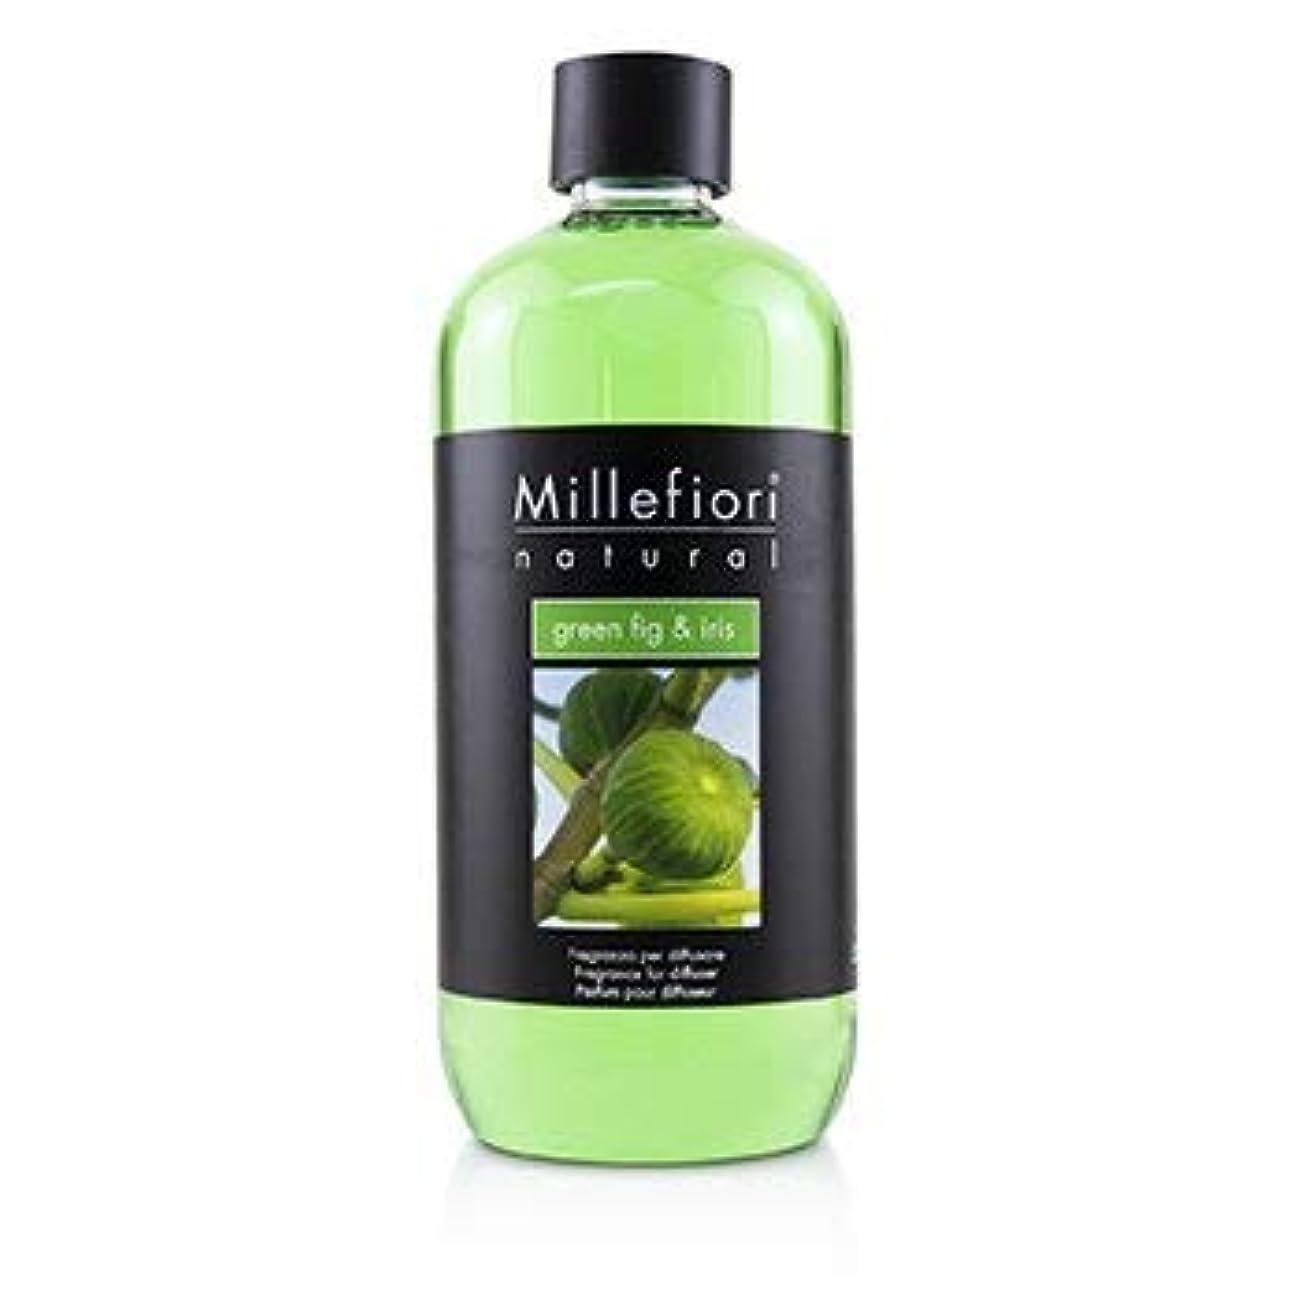 不機嫌取り消す叫ぶミッレフィオーリ Natural Fragrance Diffuser Refill - Green Fig & Iris 500ml/16.9oz並行輸入品